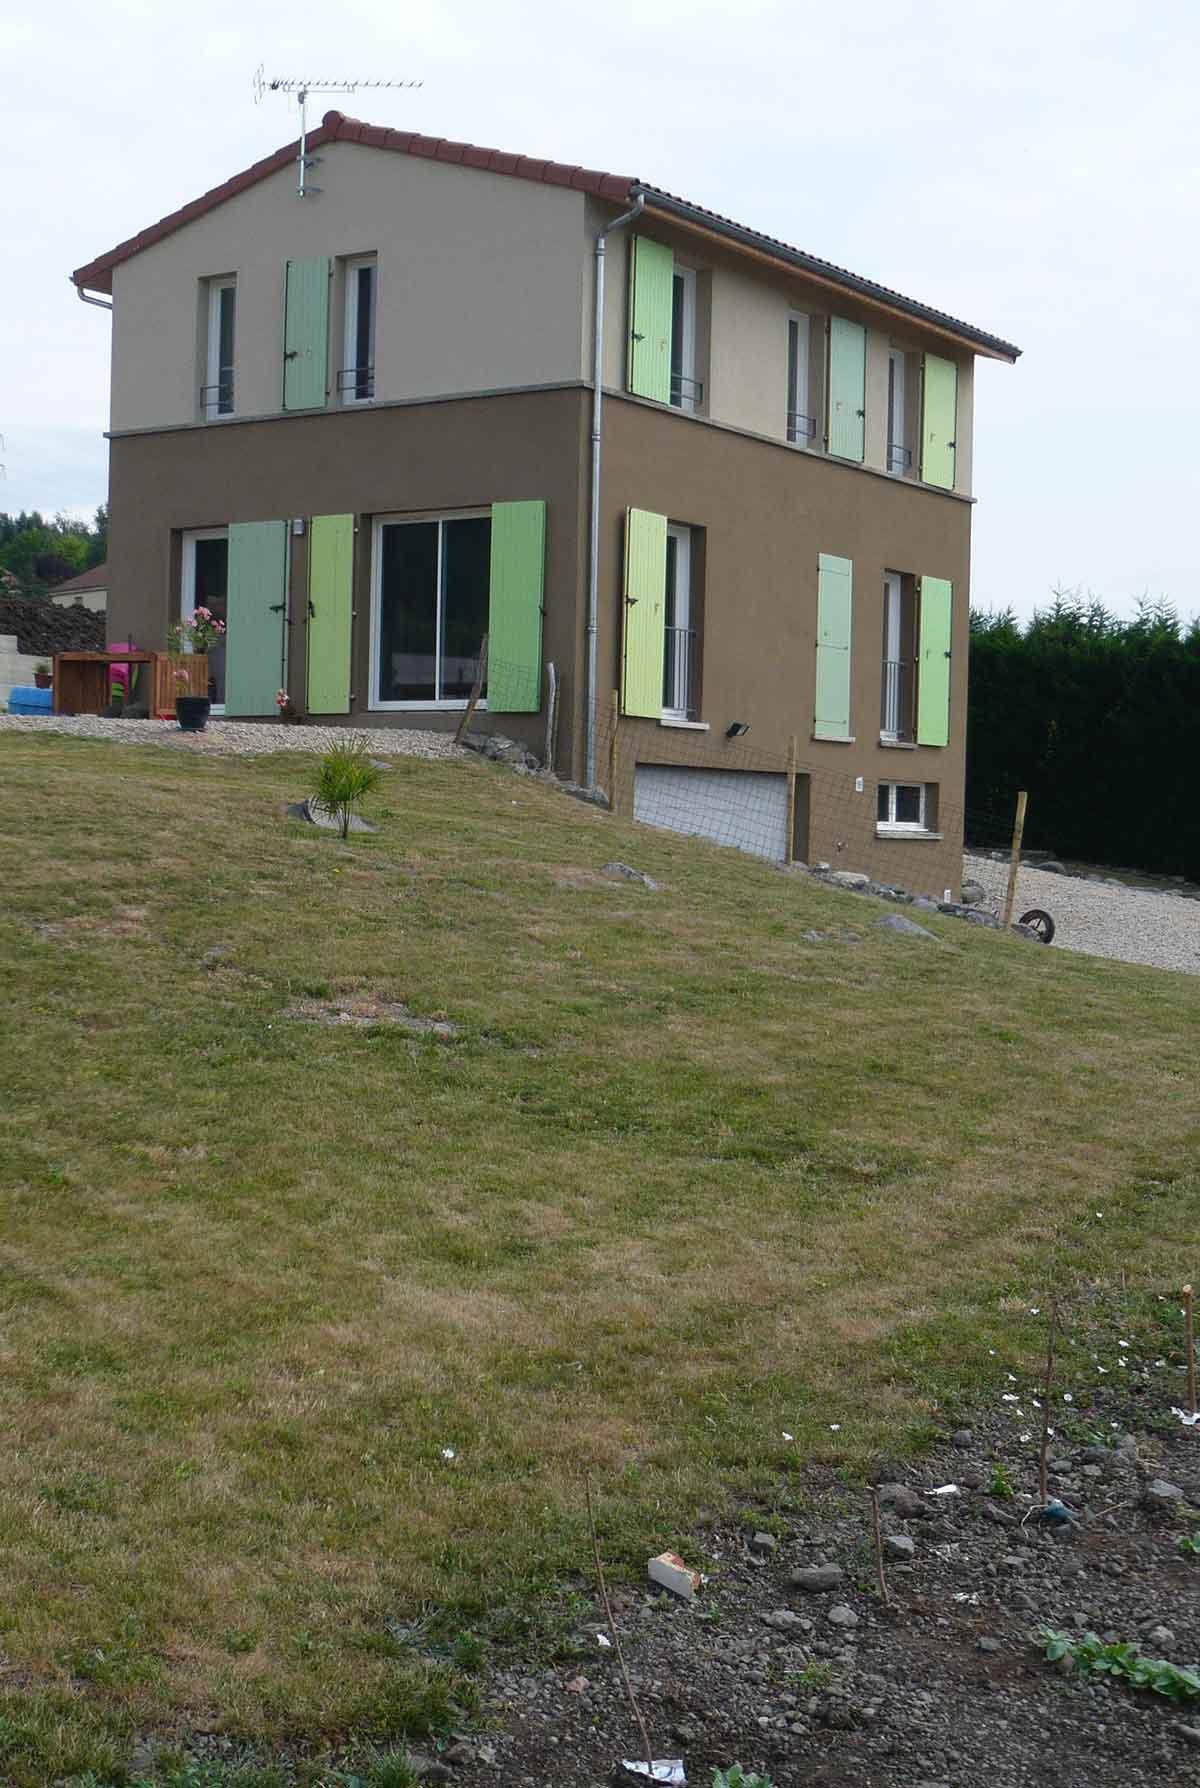 Vue d'e,nsemble de la maison CH (Auvergne)